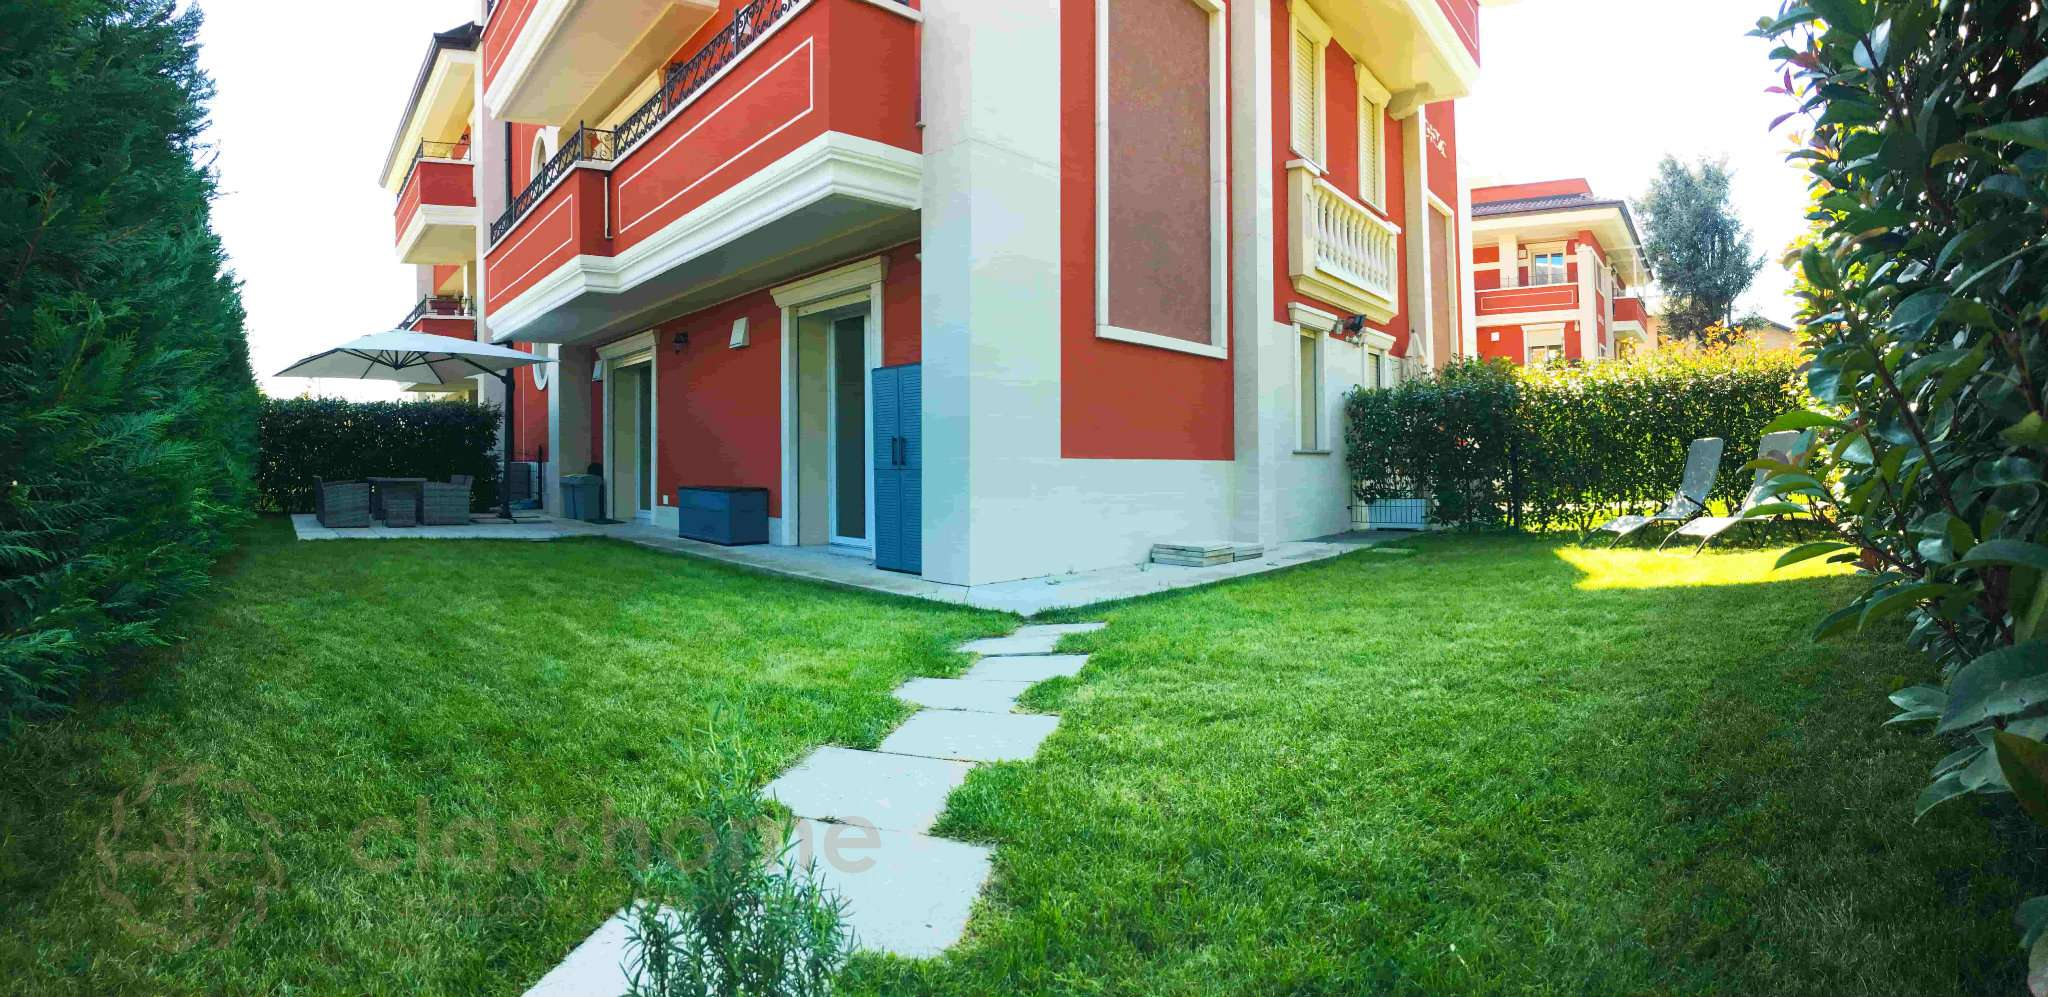 Appartamento in vendita a Paderno Dugnano, 2 locali, prezzo € 179.000 | PortaleAgenzieImmobiliari.it